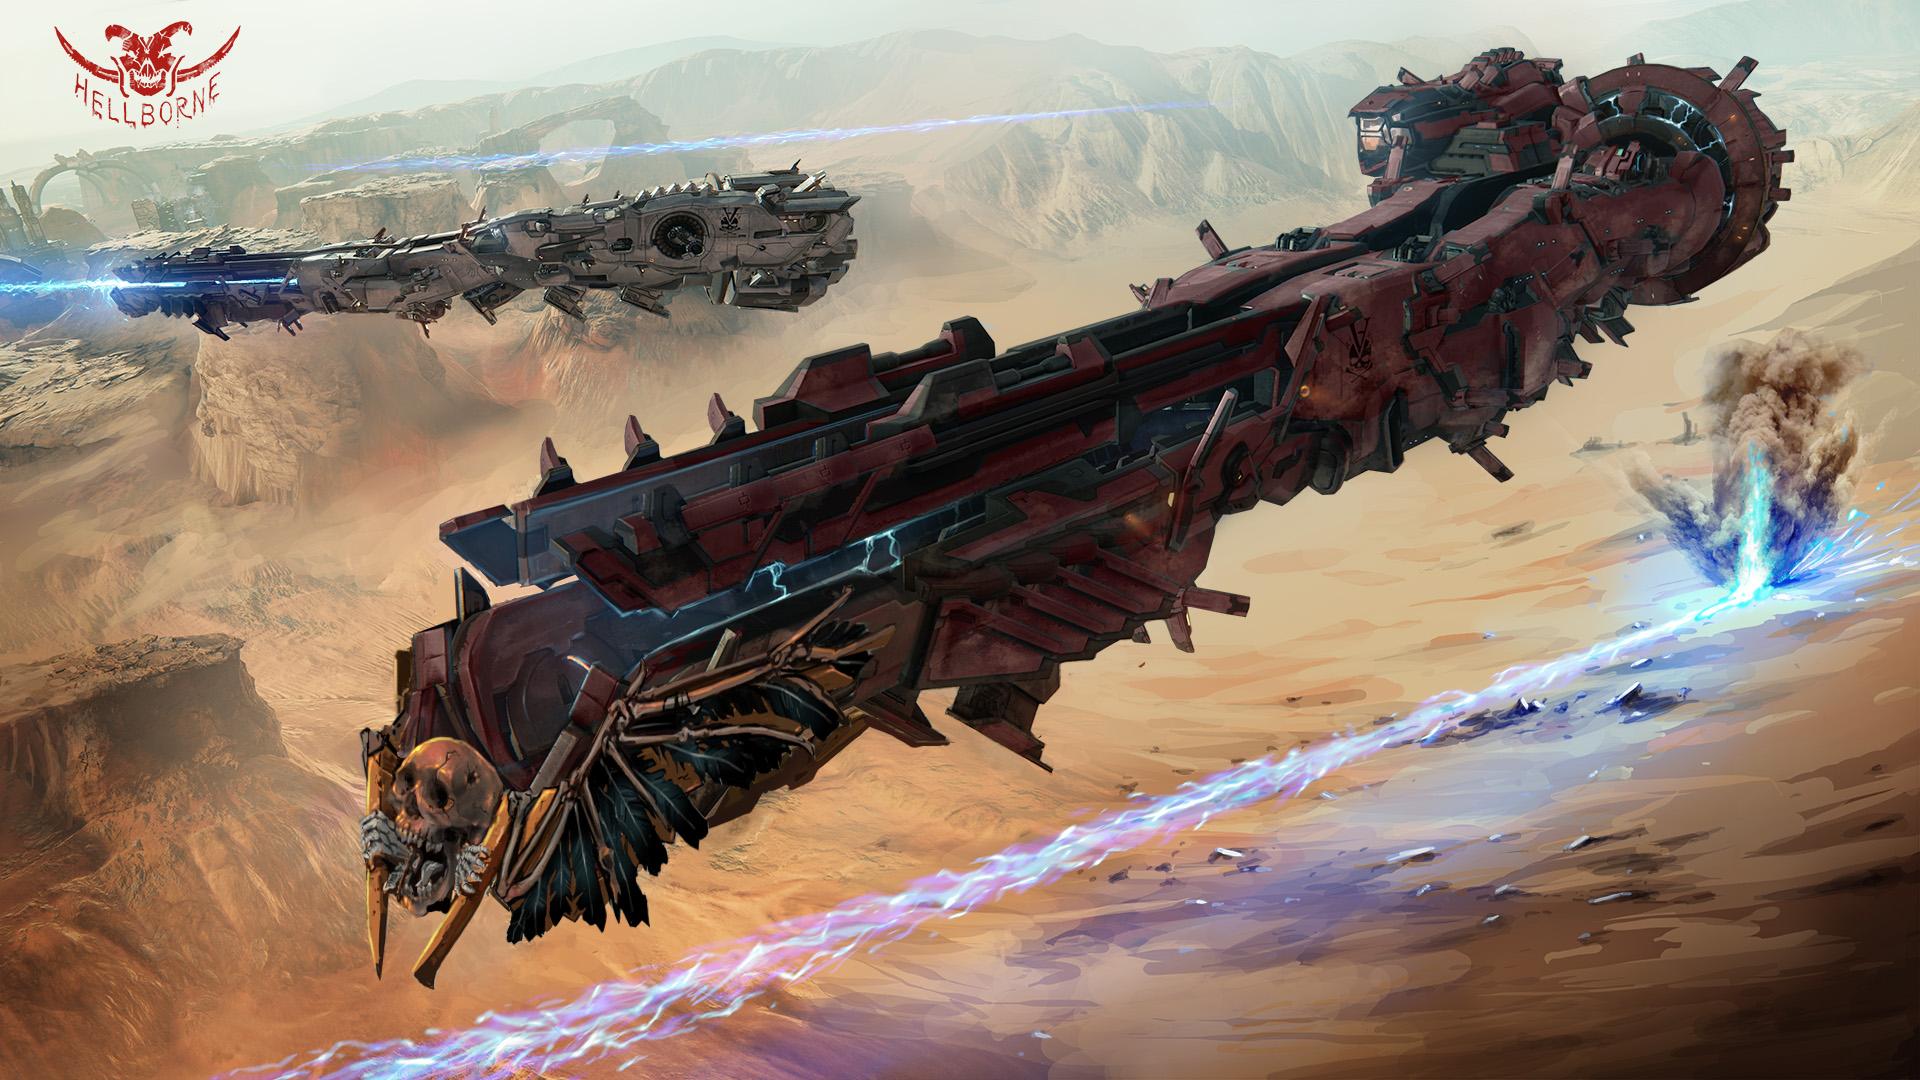 Heroship_Hellborne-Medium-Artillery-Cruiser